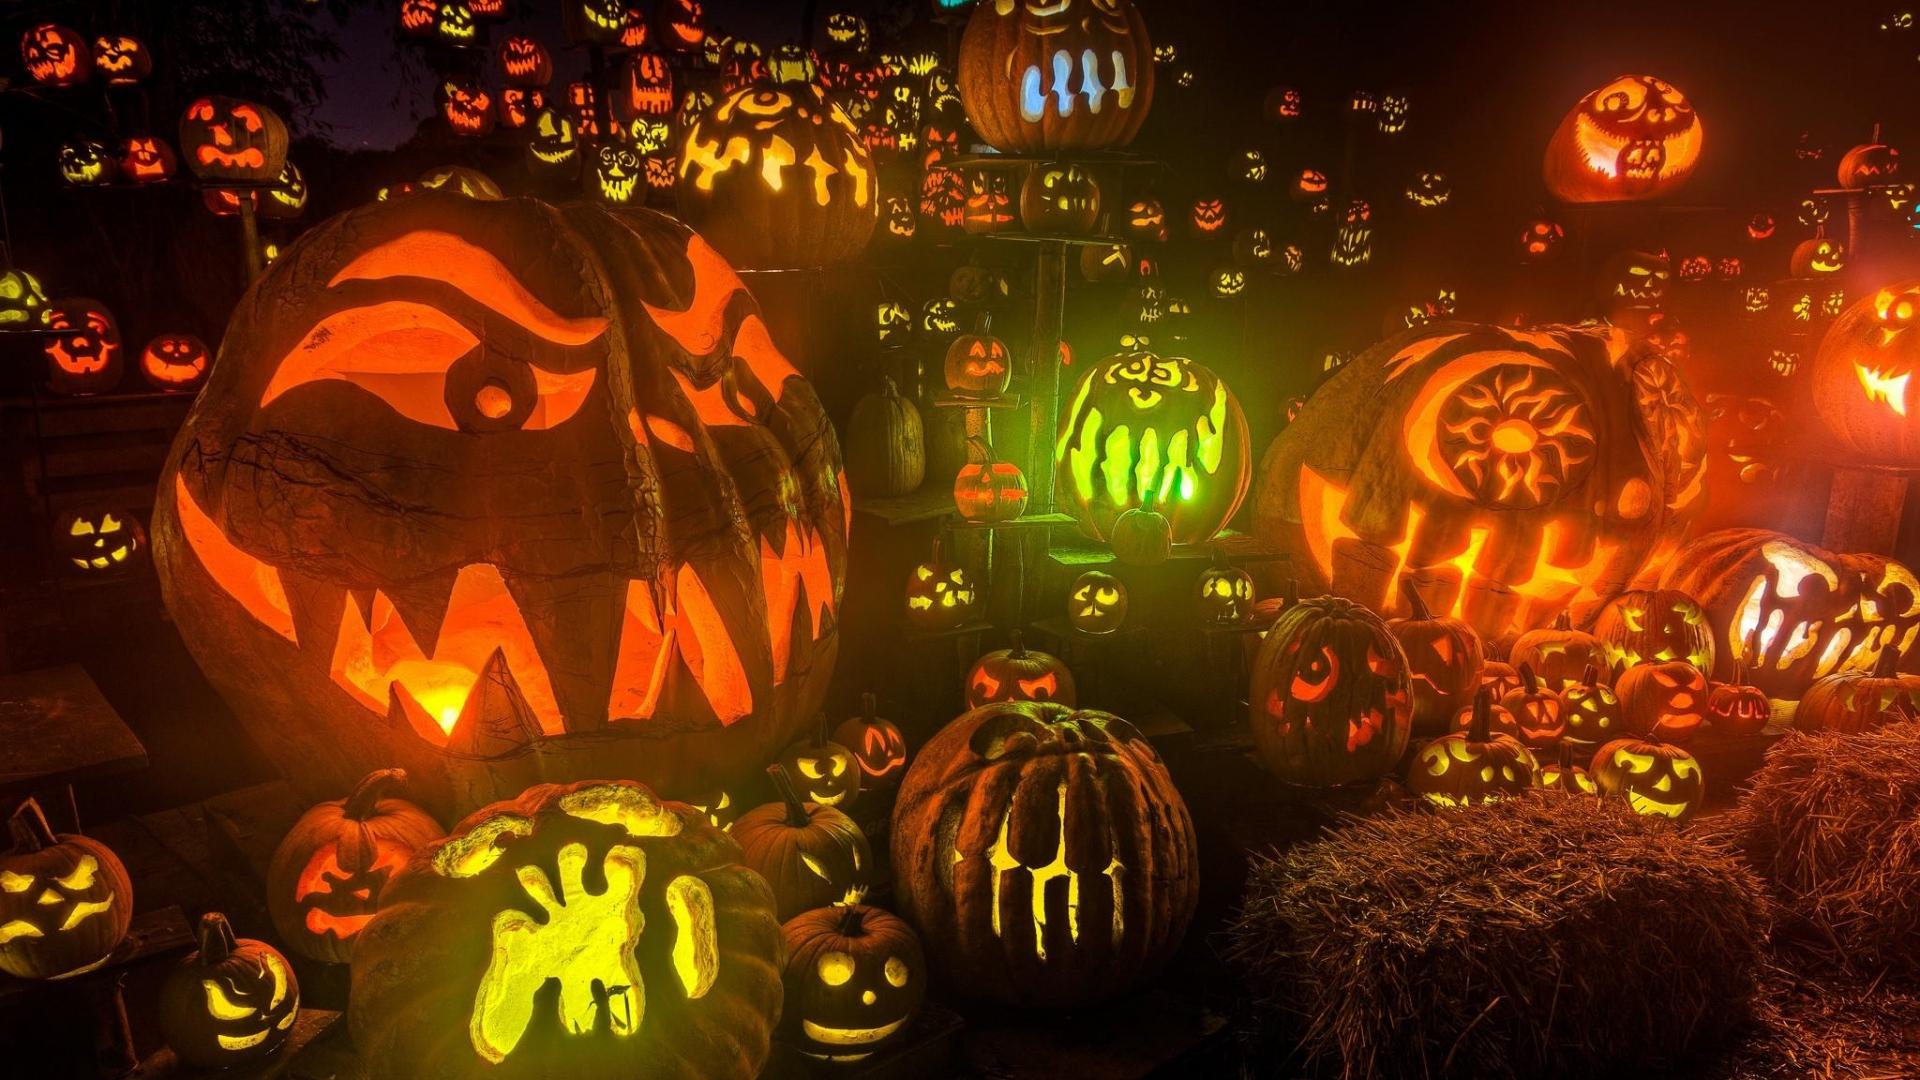 Halloween Backgrounds Download 1920x1080